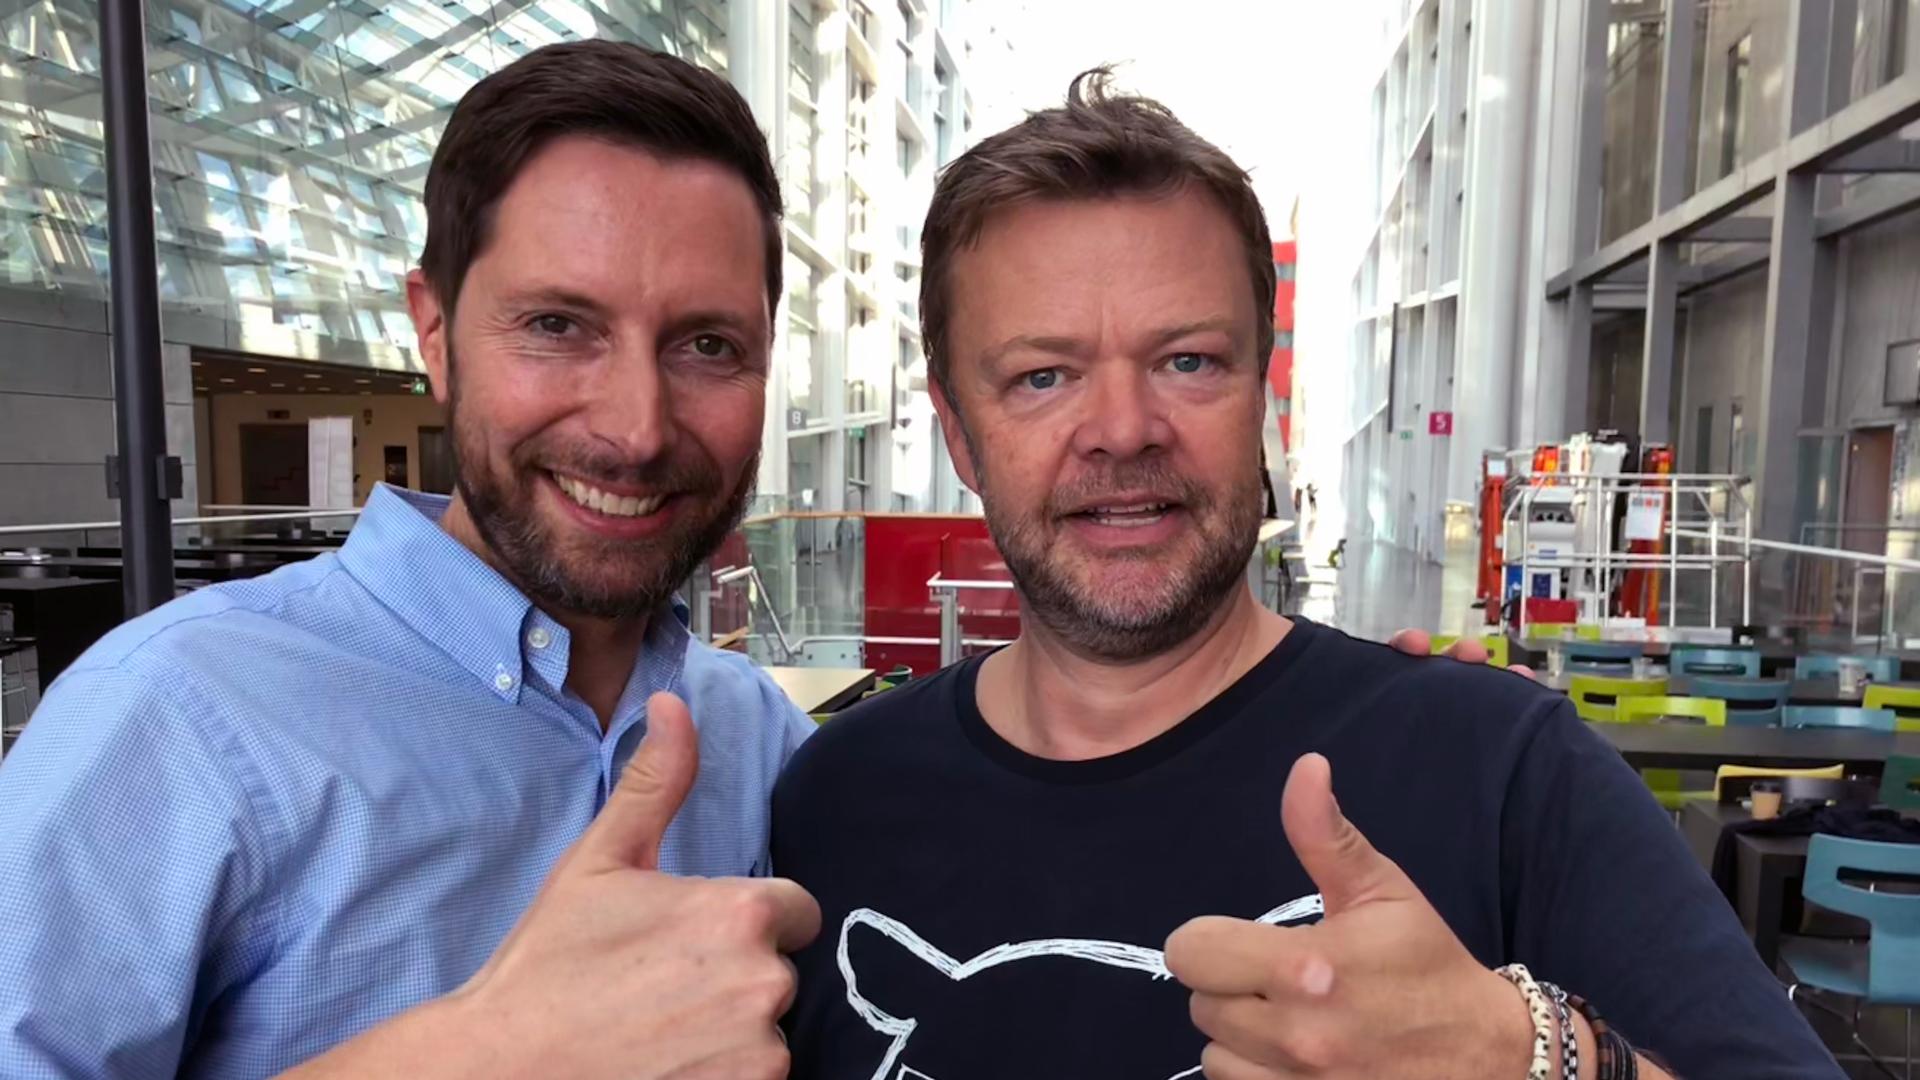 Badabing: Gæst Kåre Quist